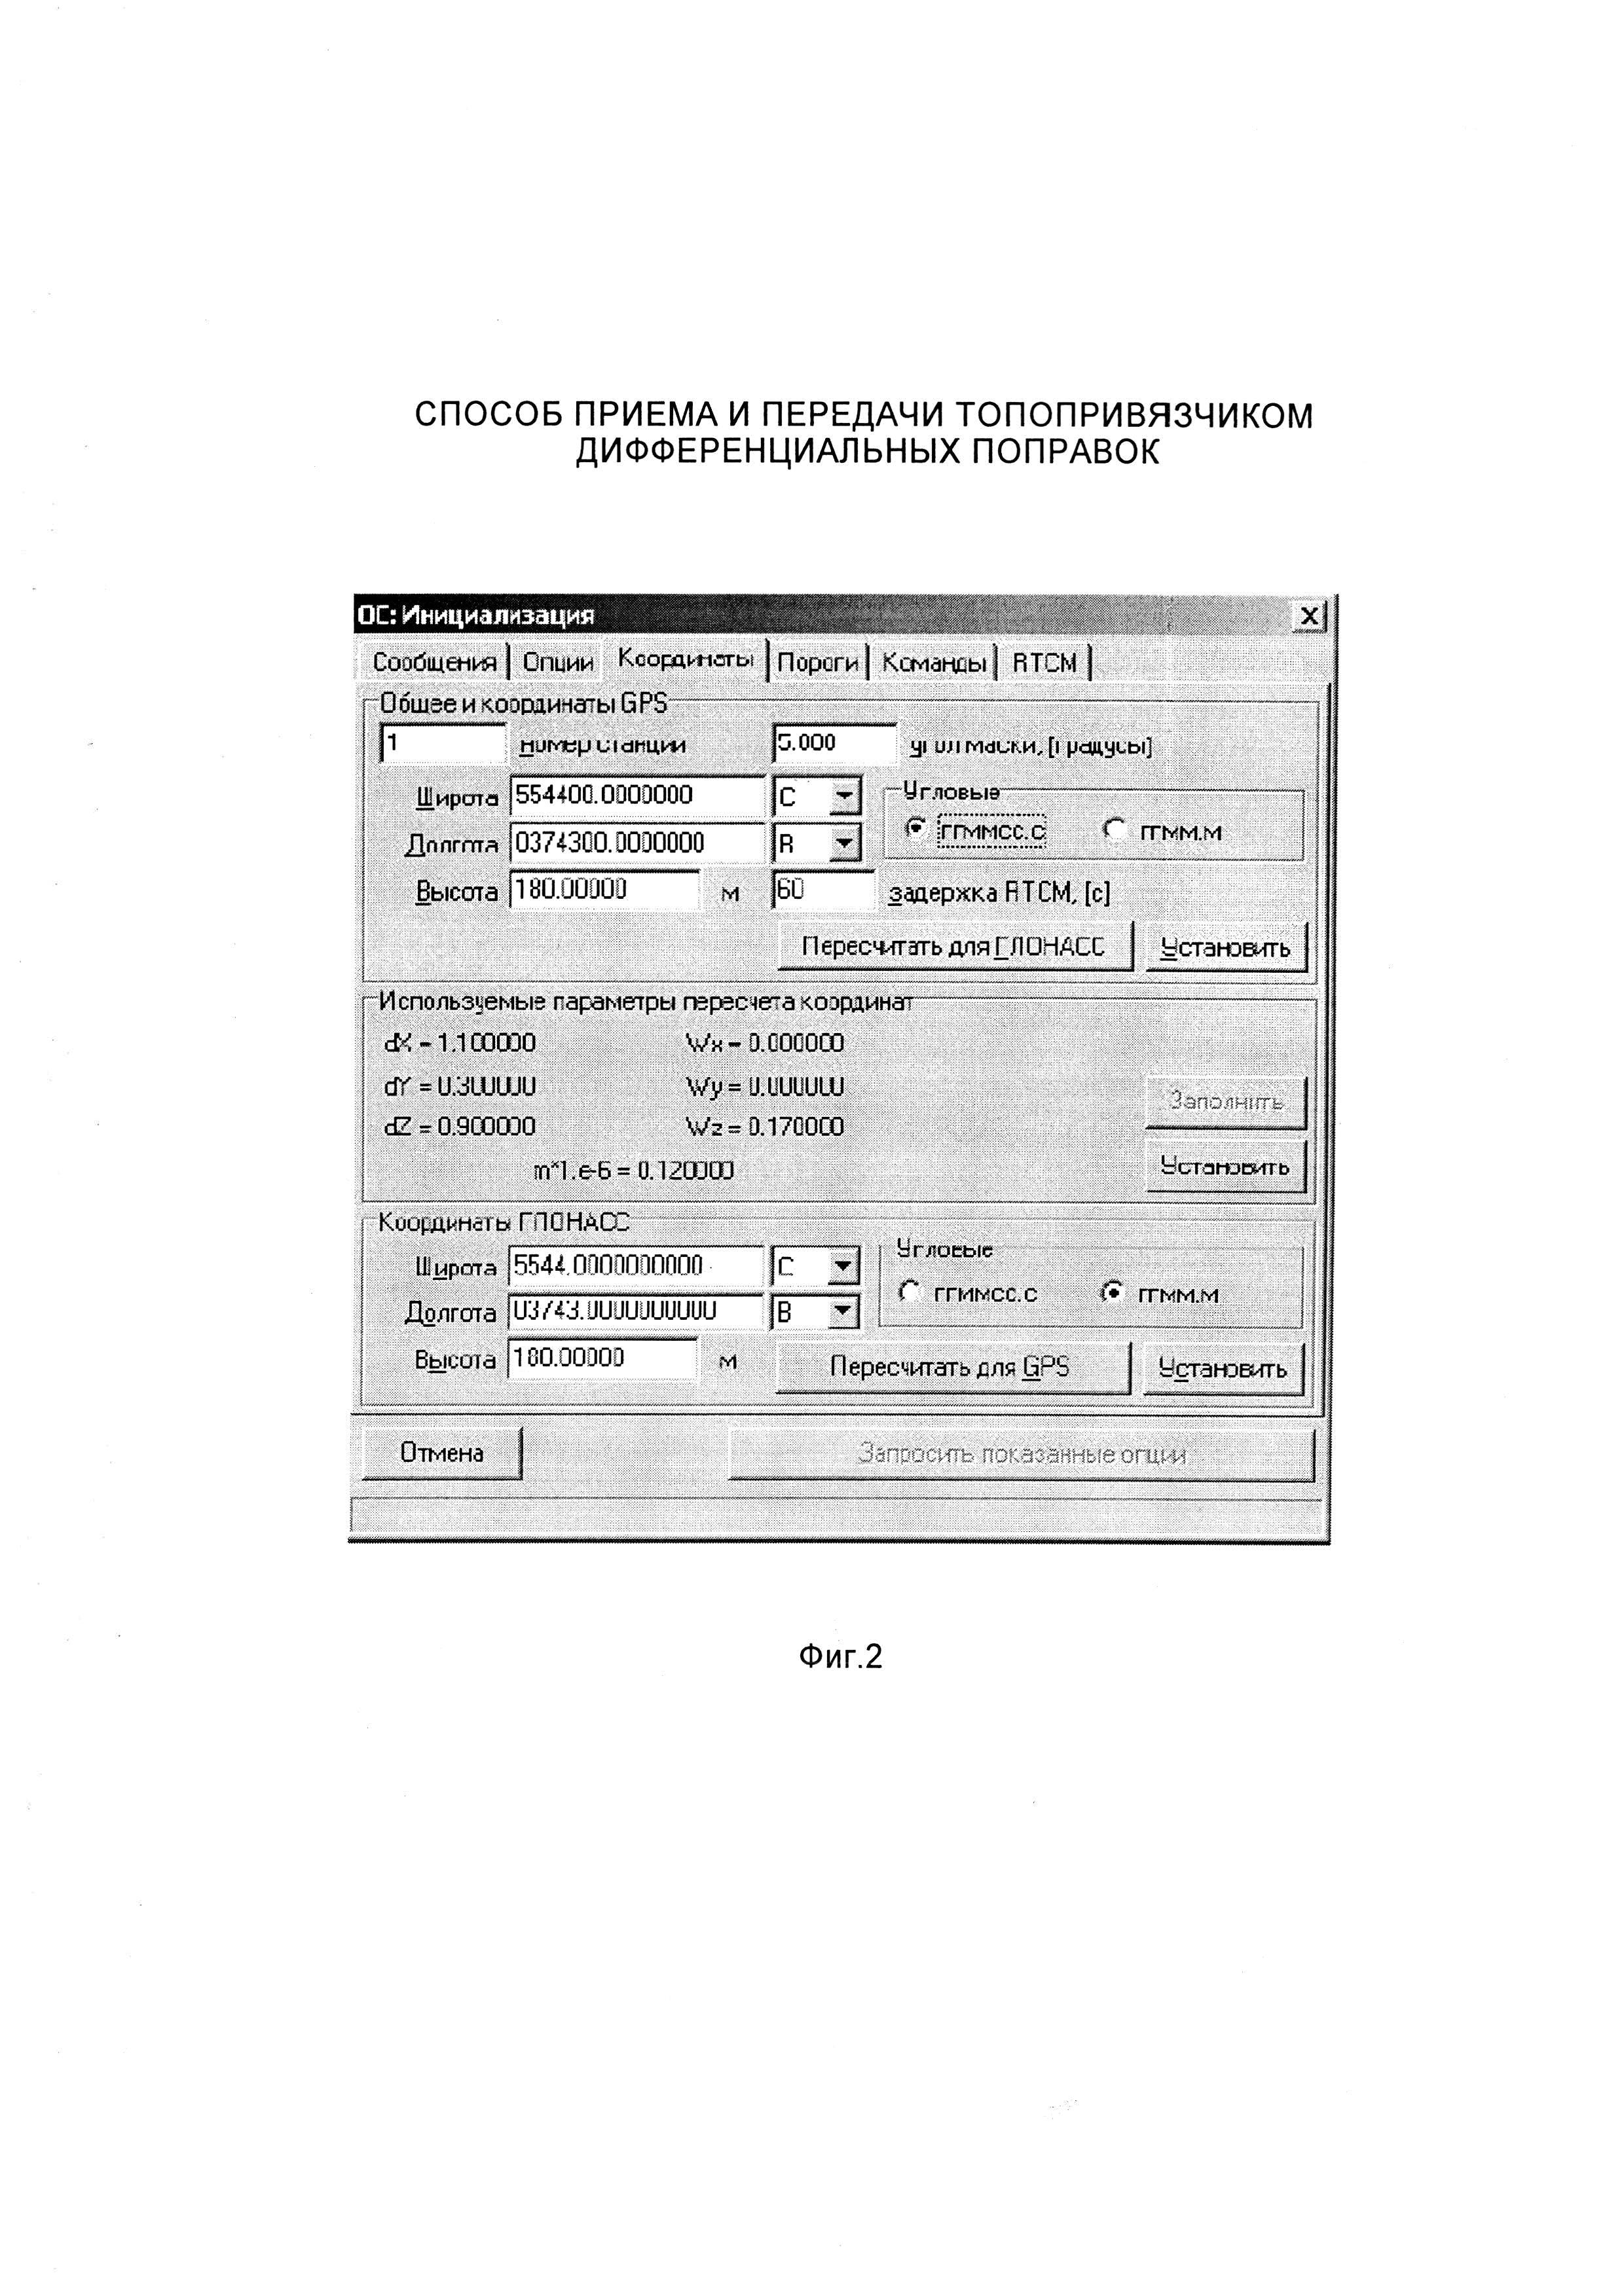 Способ приема и передачи топопривязчиком дифференциальных поправок